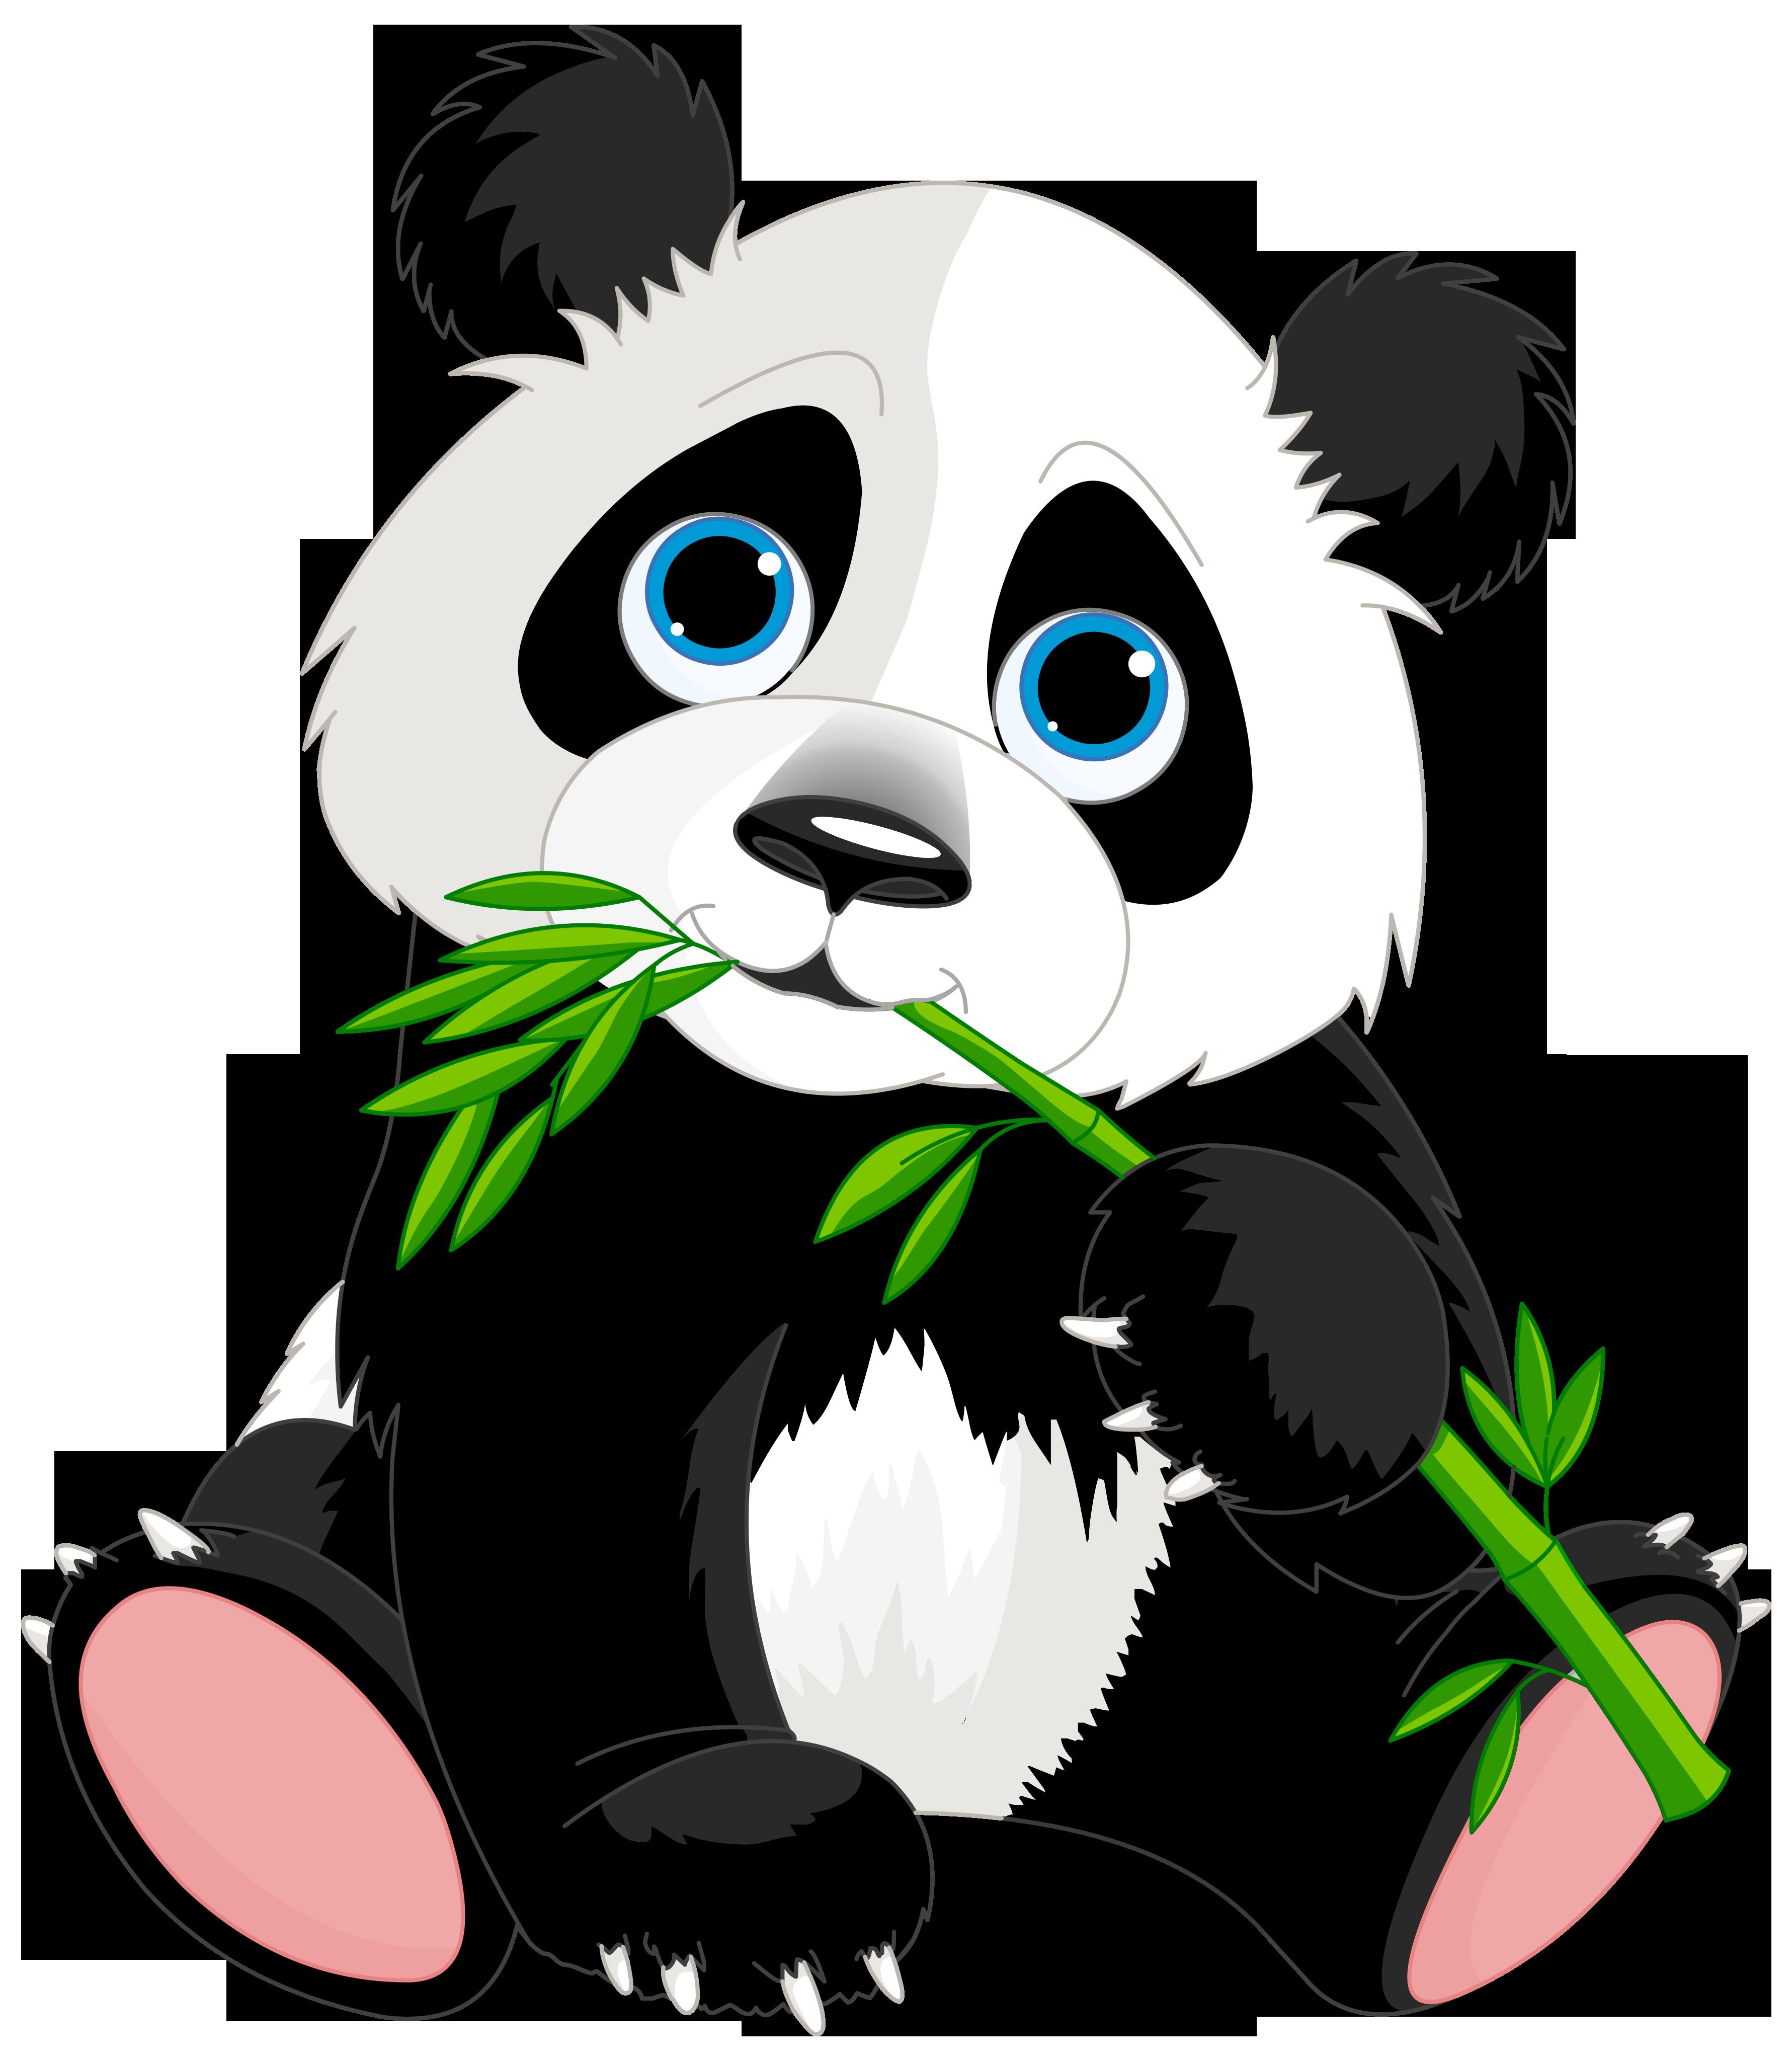 Cute panda cartoon.